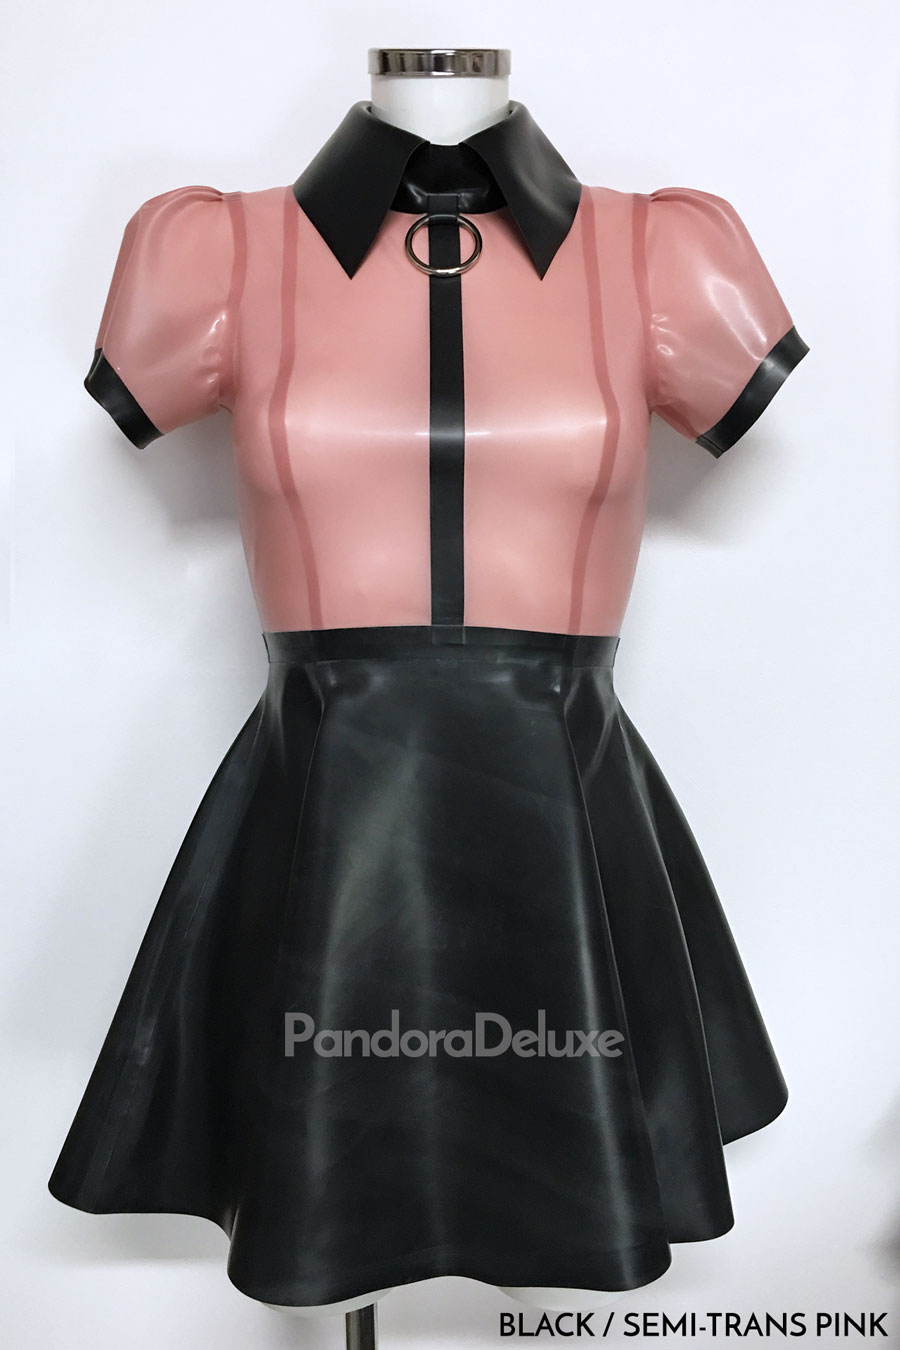 Pandora deluxe latex